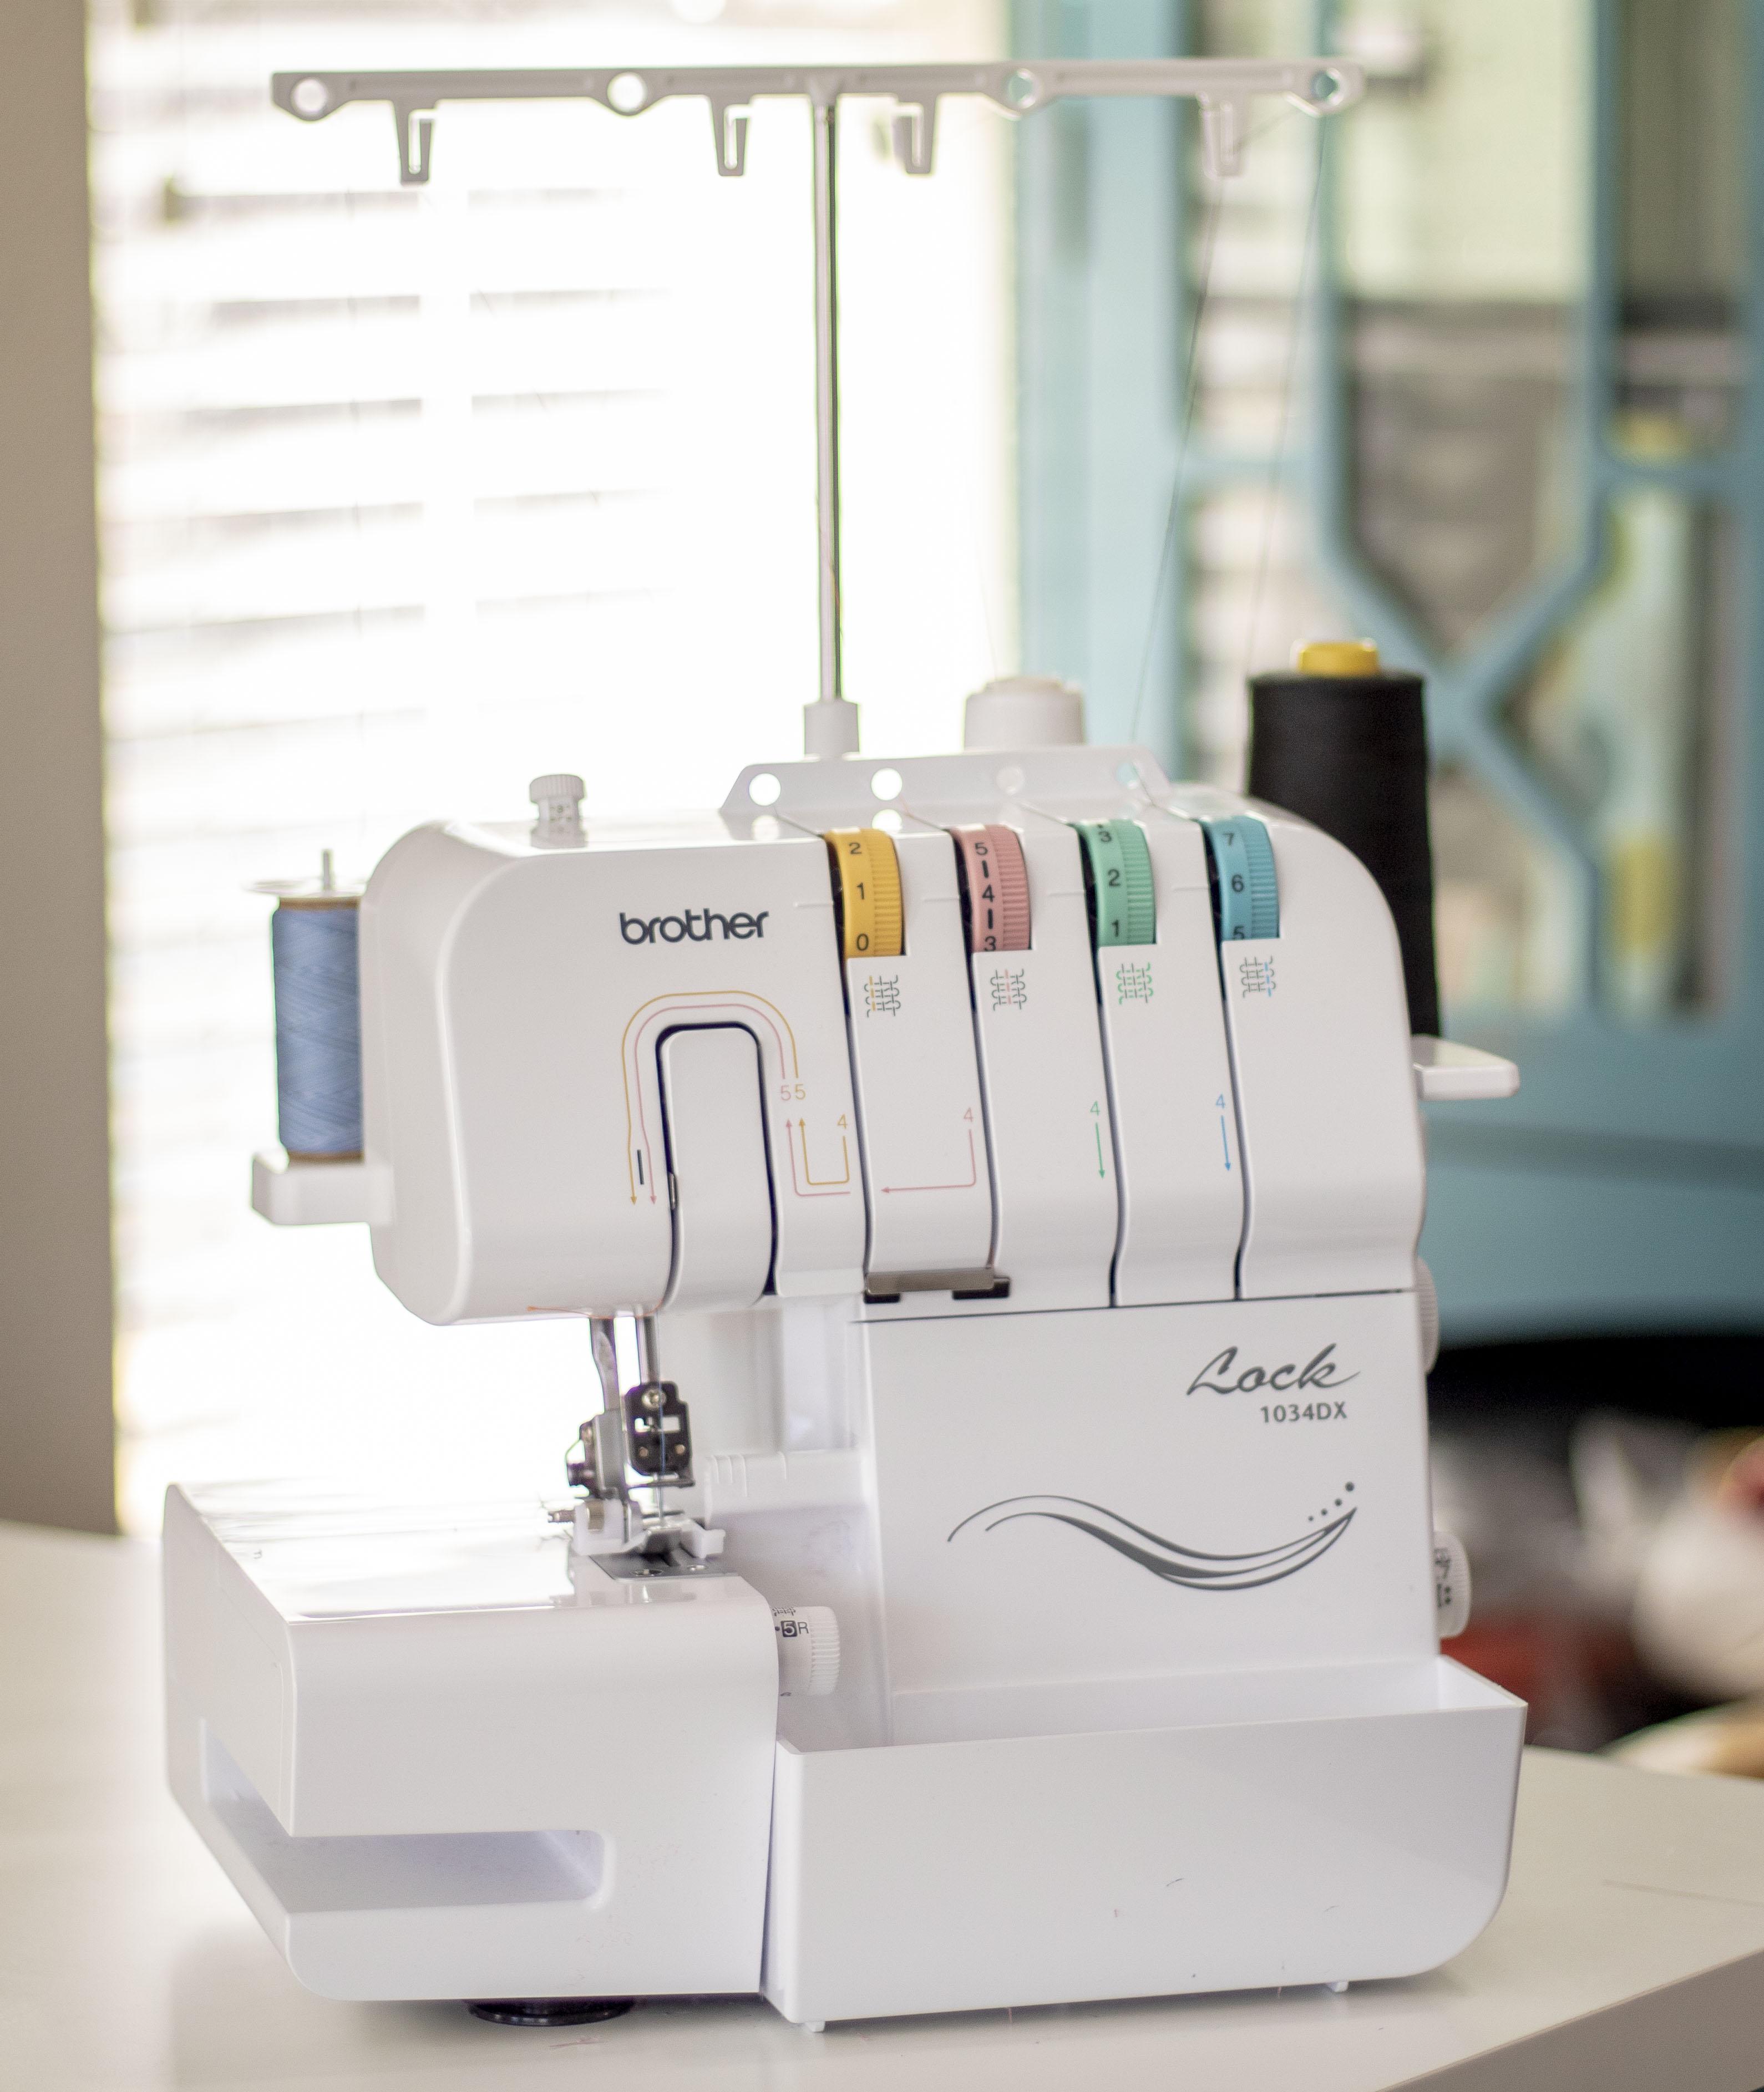 Online sewing class serger basics